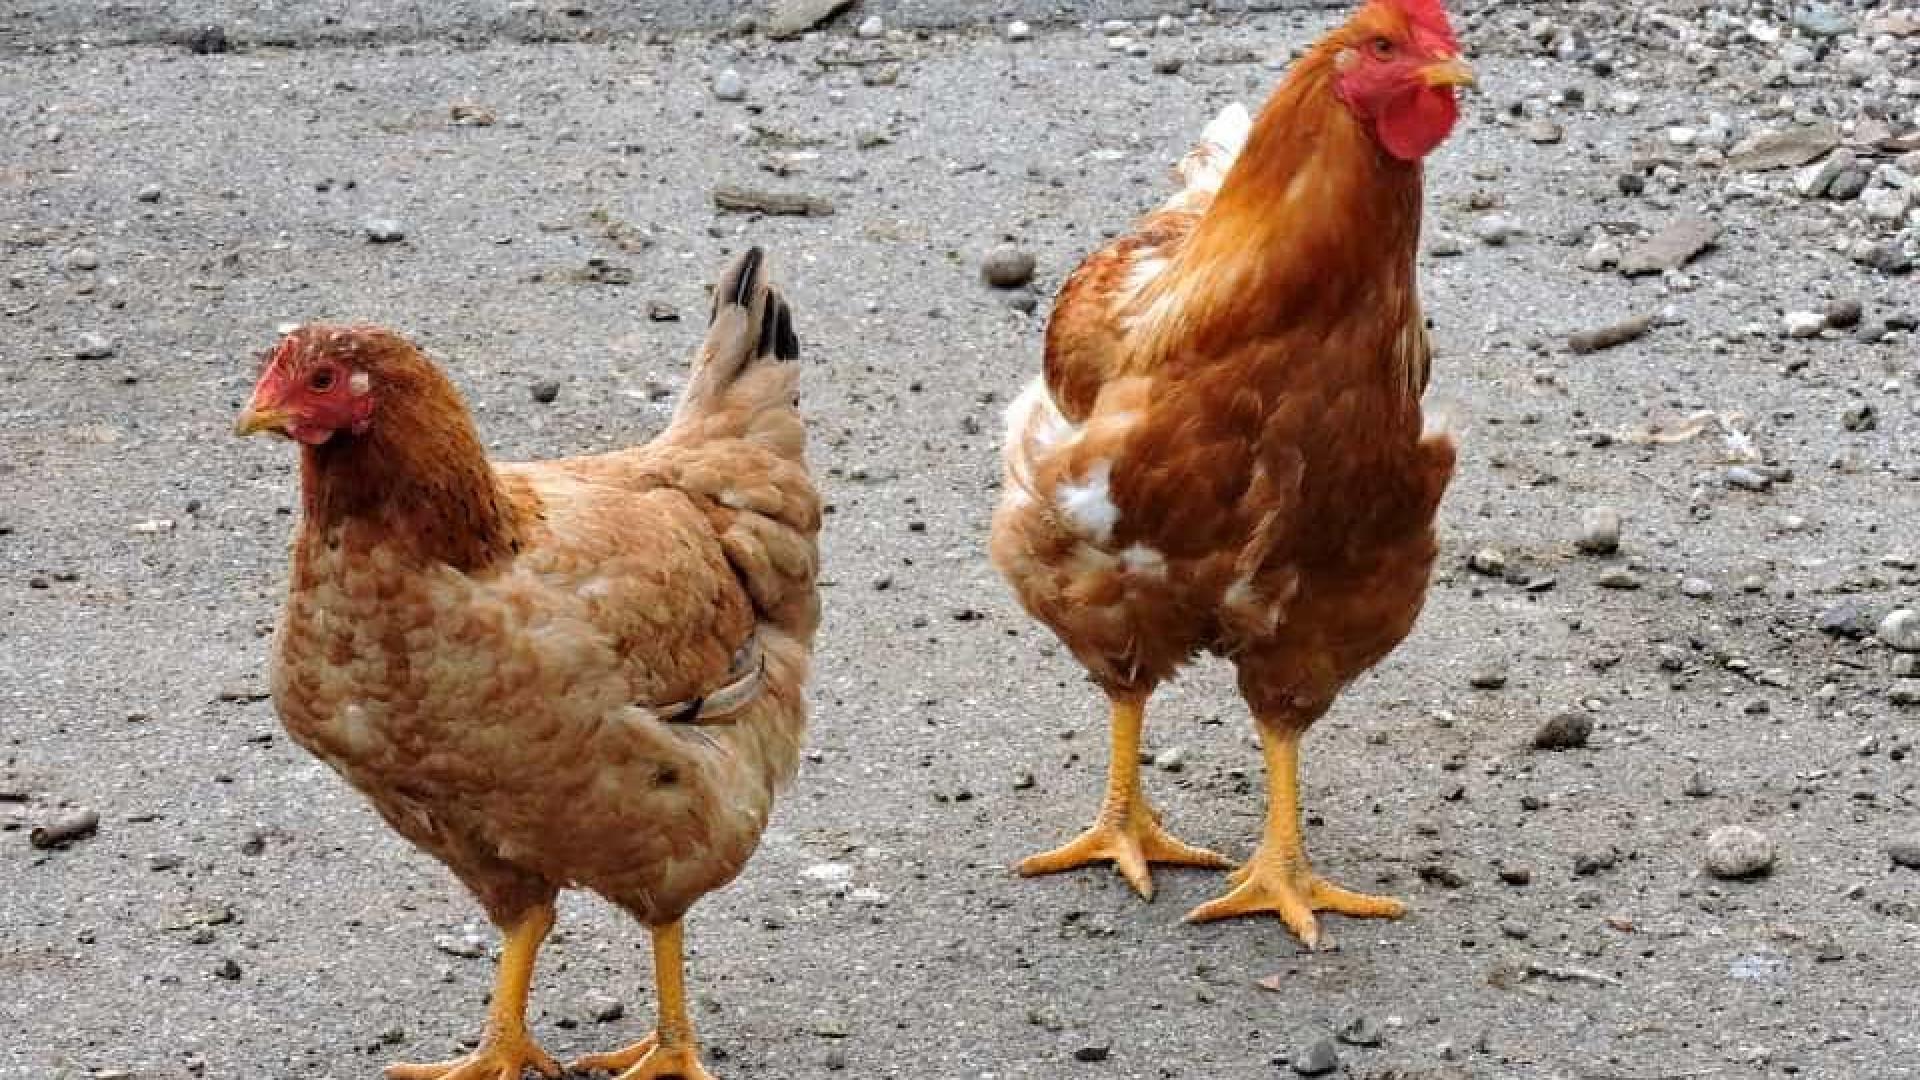 Galinhas eram cozidas vivas em matadouro no processo de abate